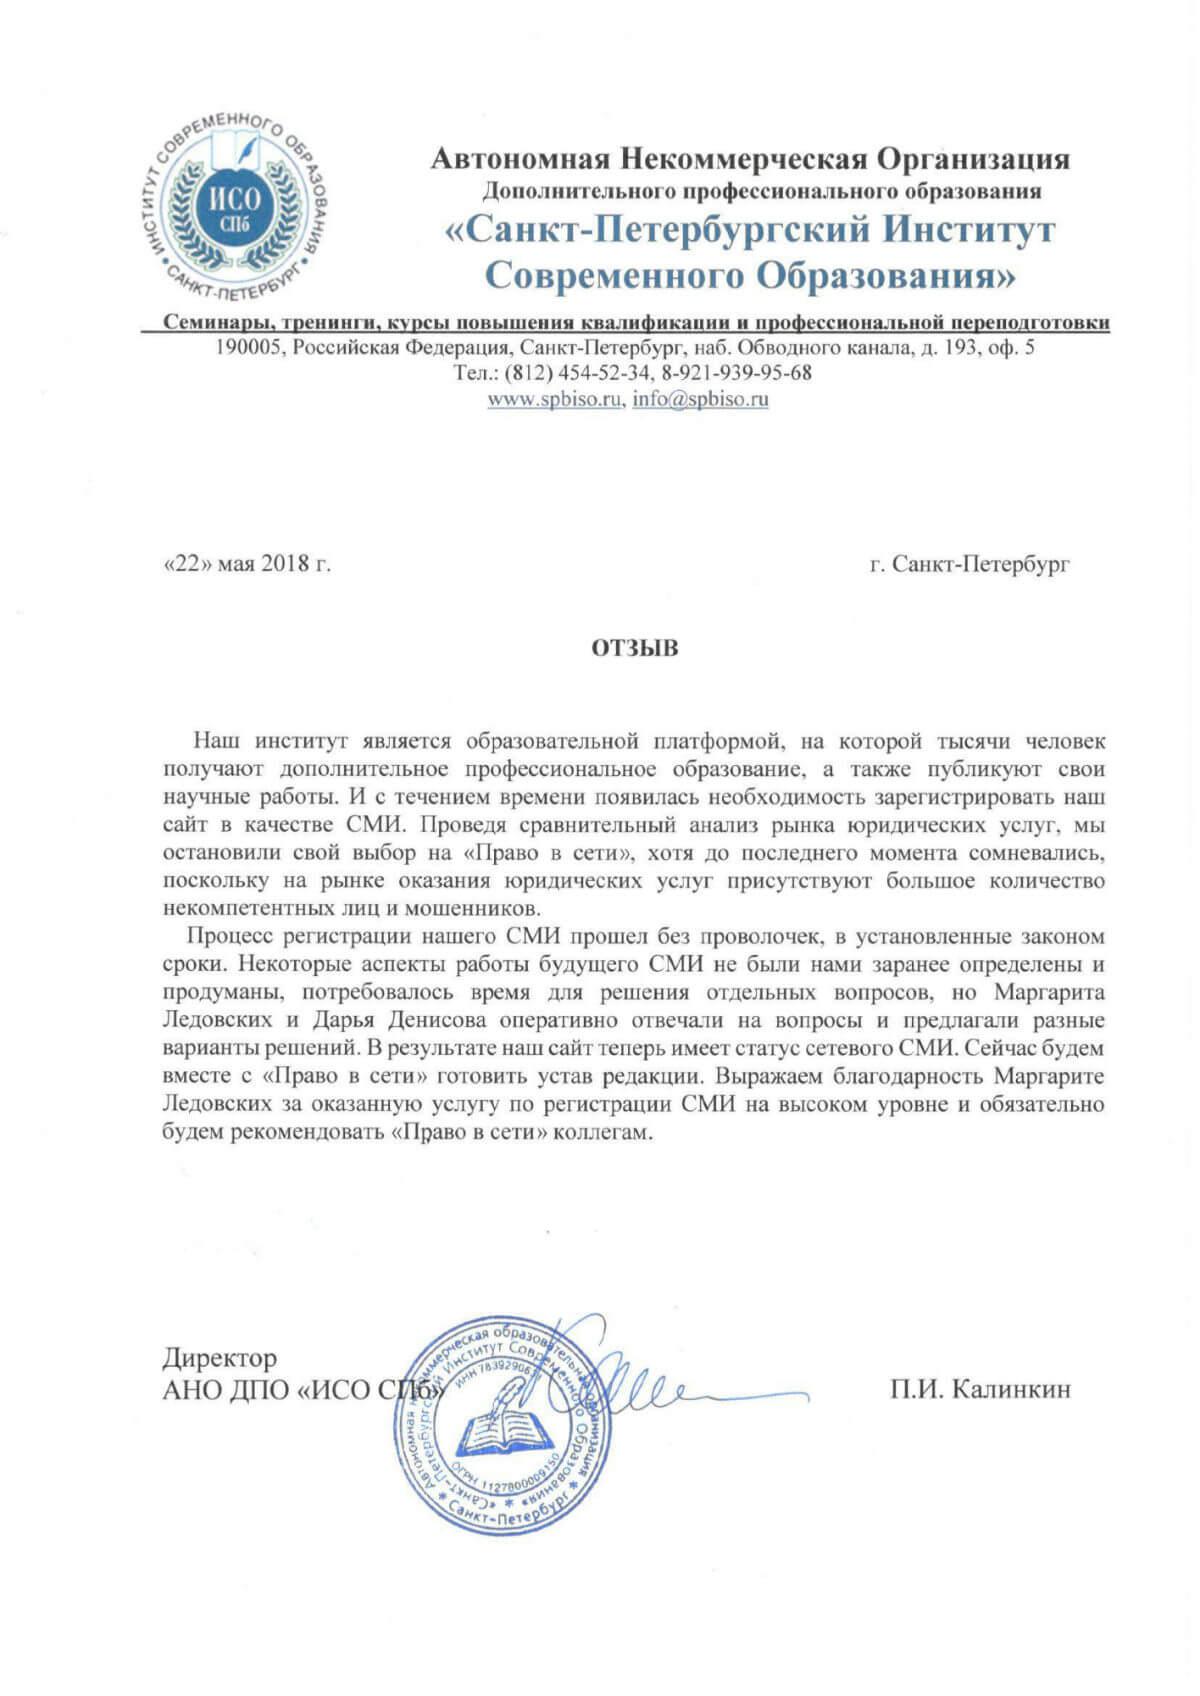 Отзыв о регистрации СМИ для института Спб